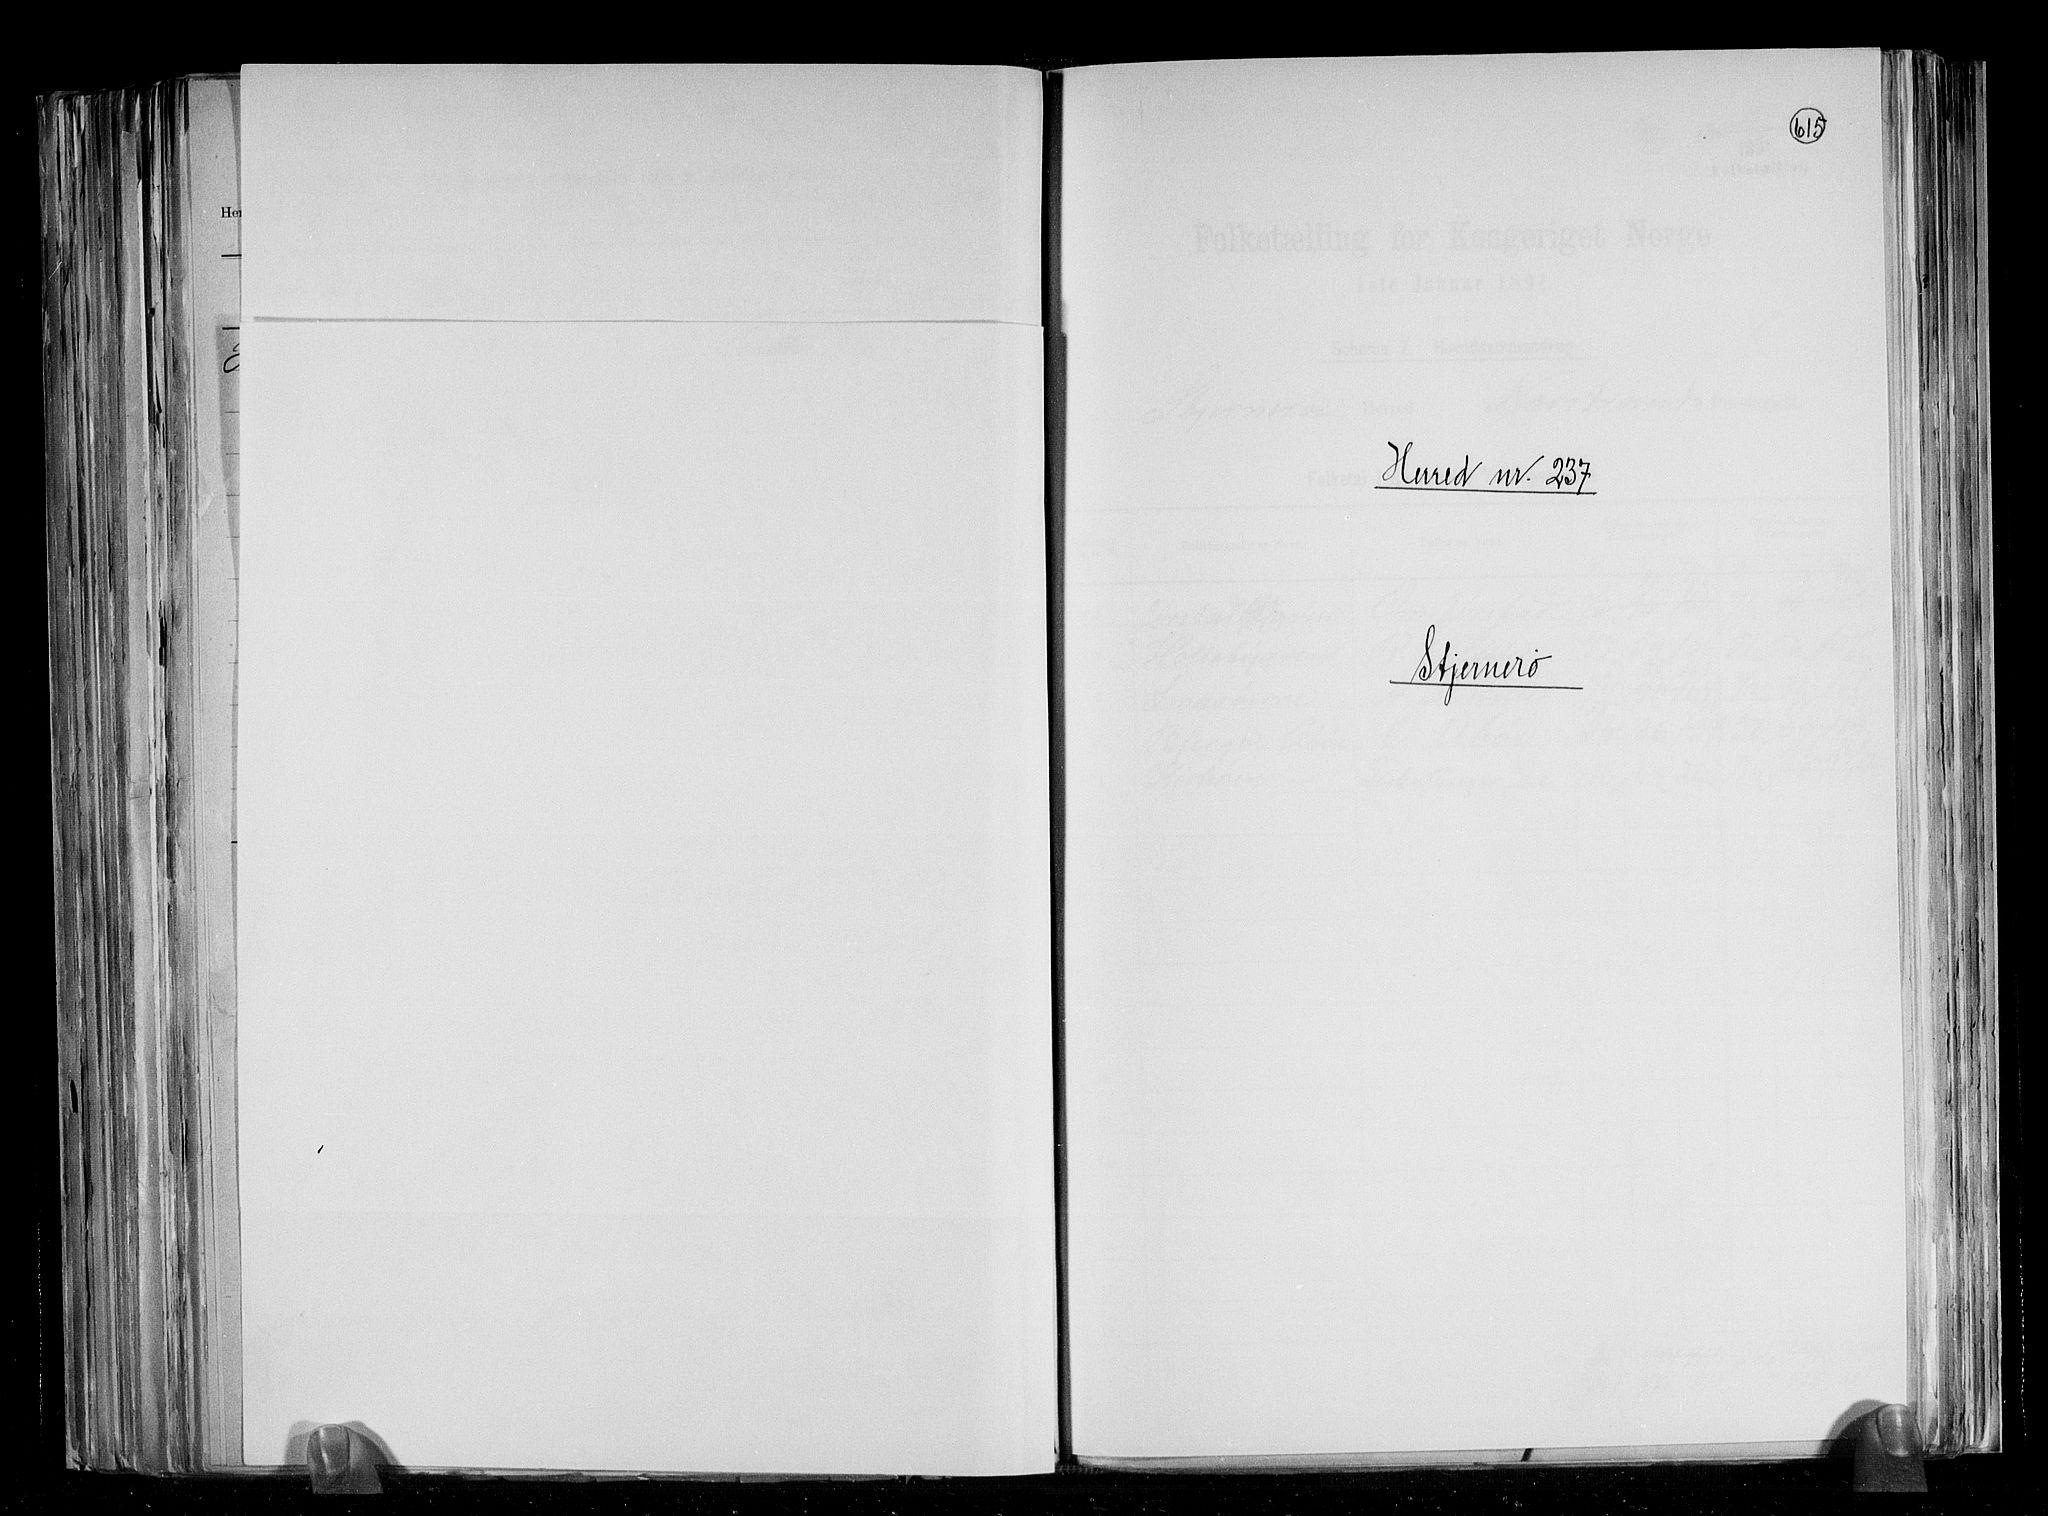 RA, Folketelling 1891 for 1140 Sjernarøy herred, 1891, s. 1